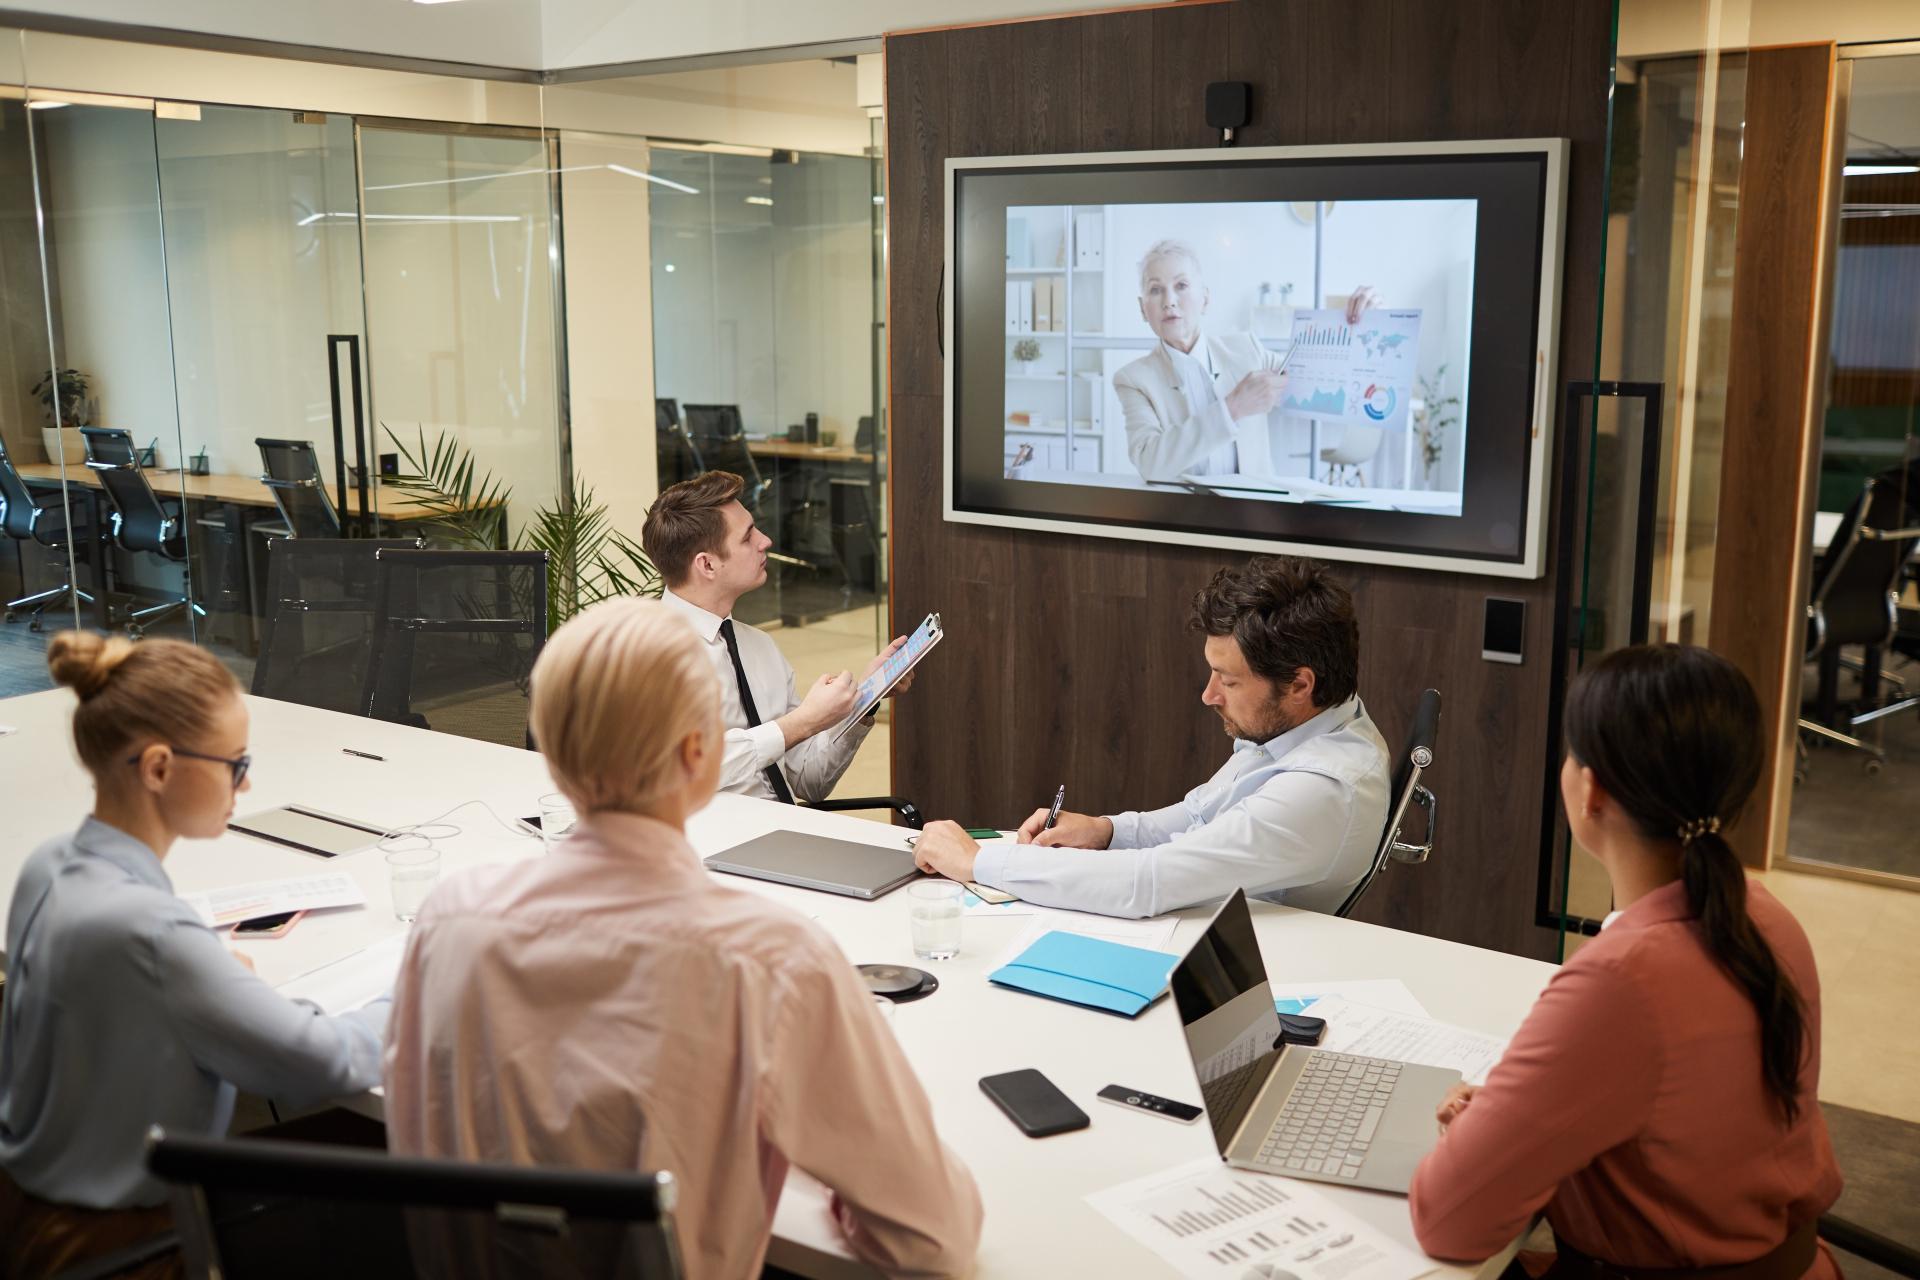 Audiovisuele oplossingen voor organisaties